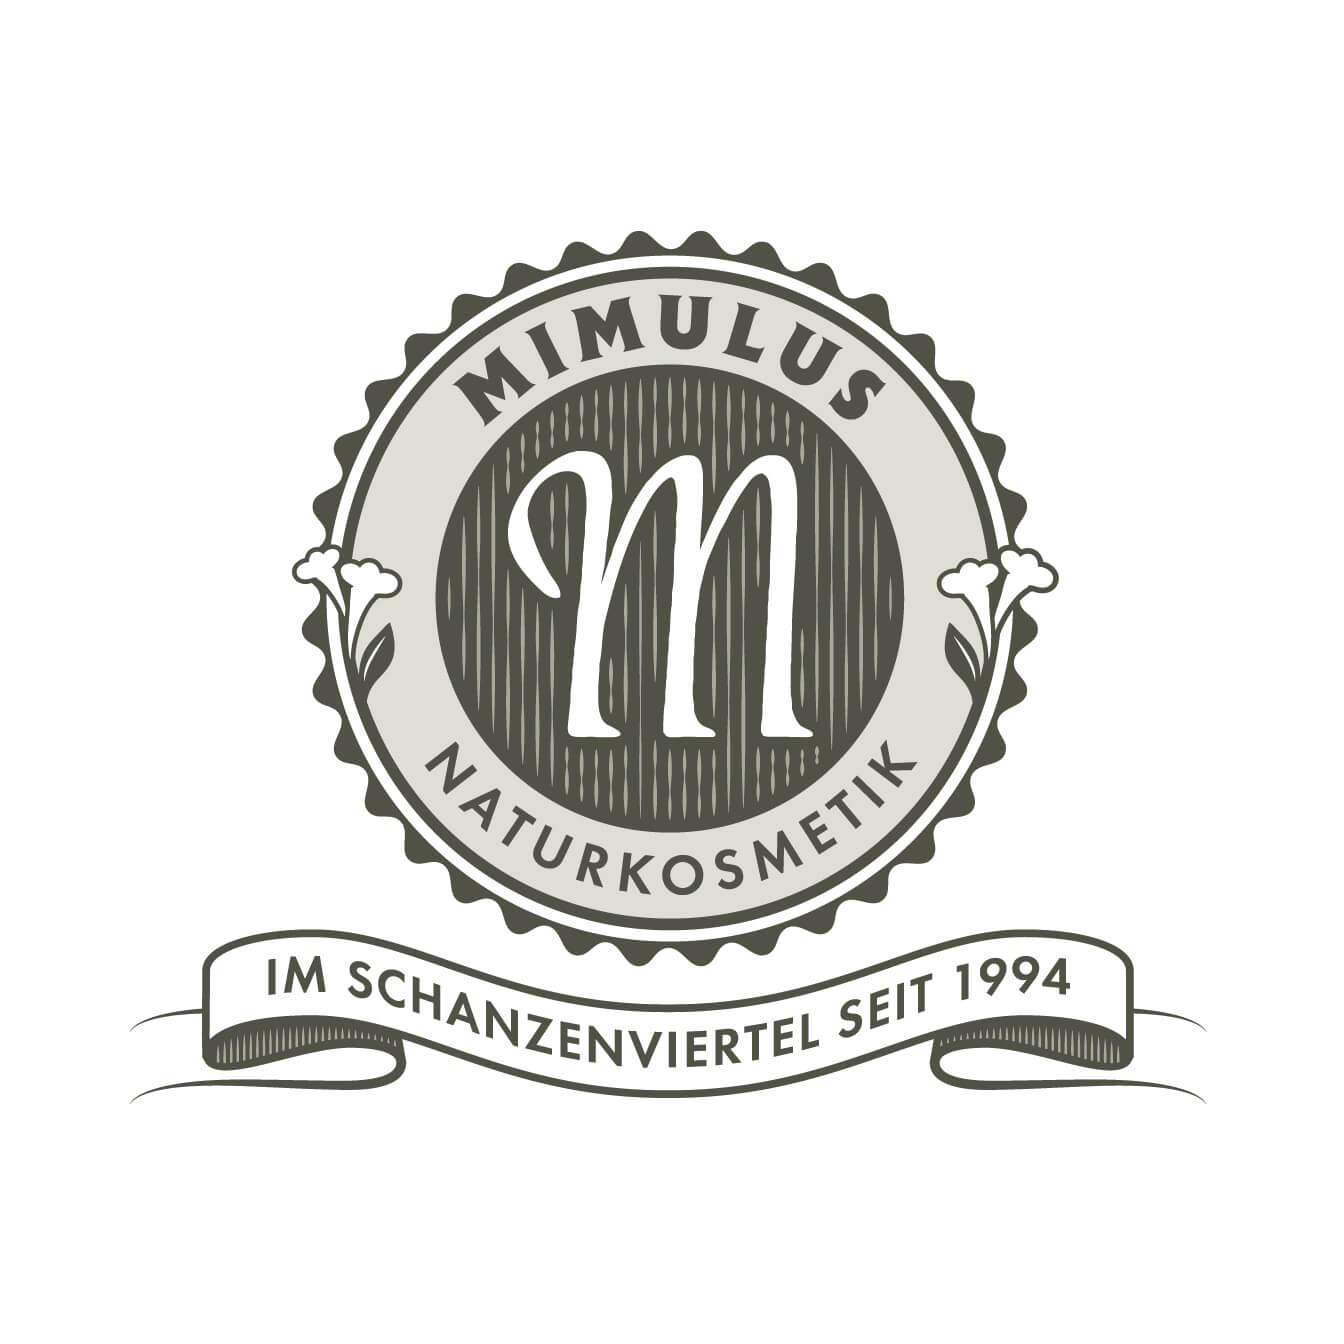 Moin Hamburg!